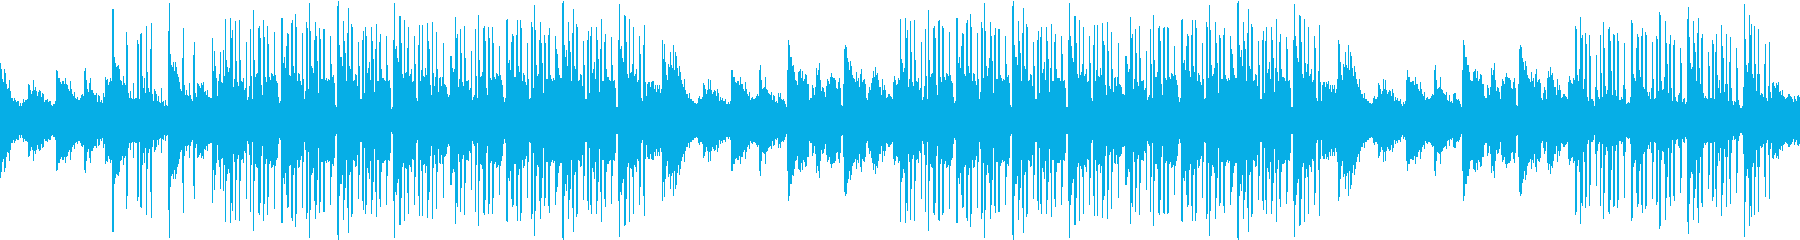 神秘的・透明感・シンセ・映像・ループの再生済みの波形